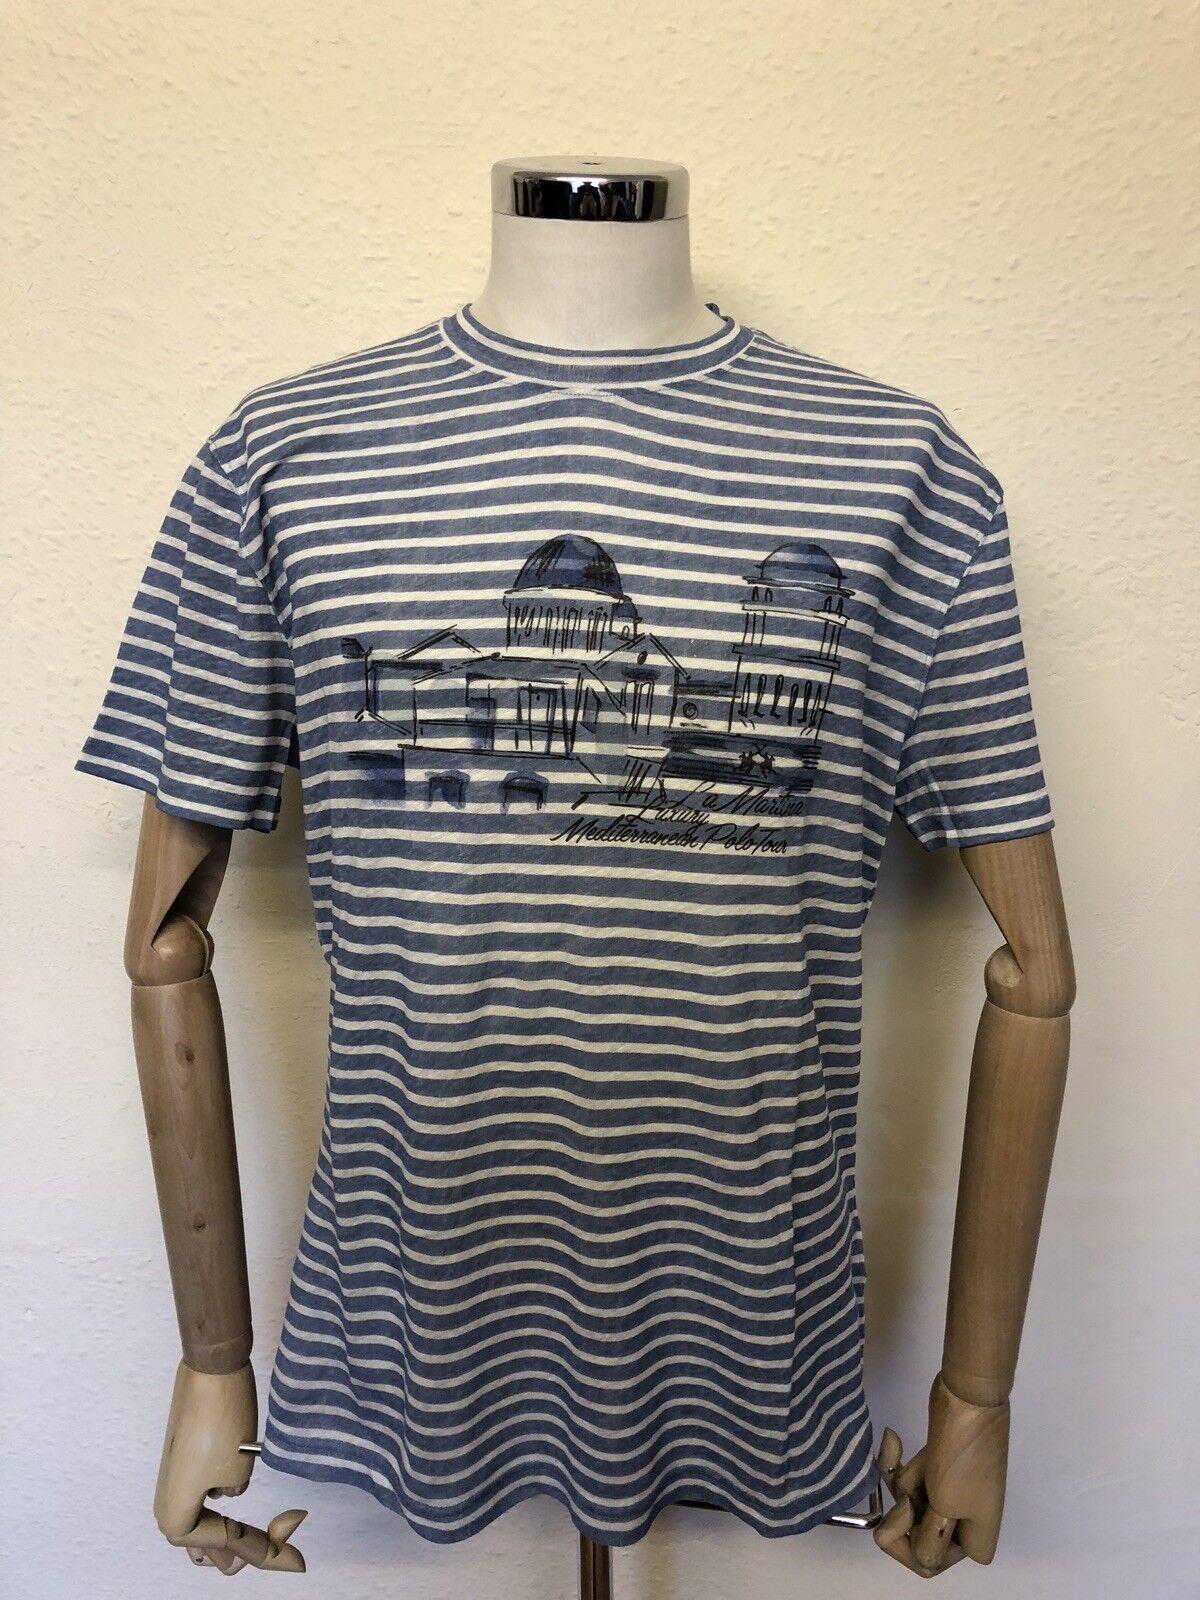 Shirt T Martina La Size L ijjoaac11207-Casual Shirts & Tops